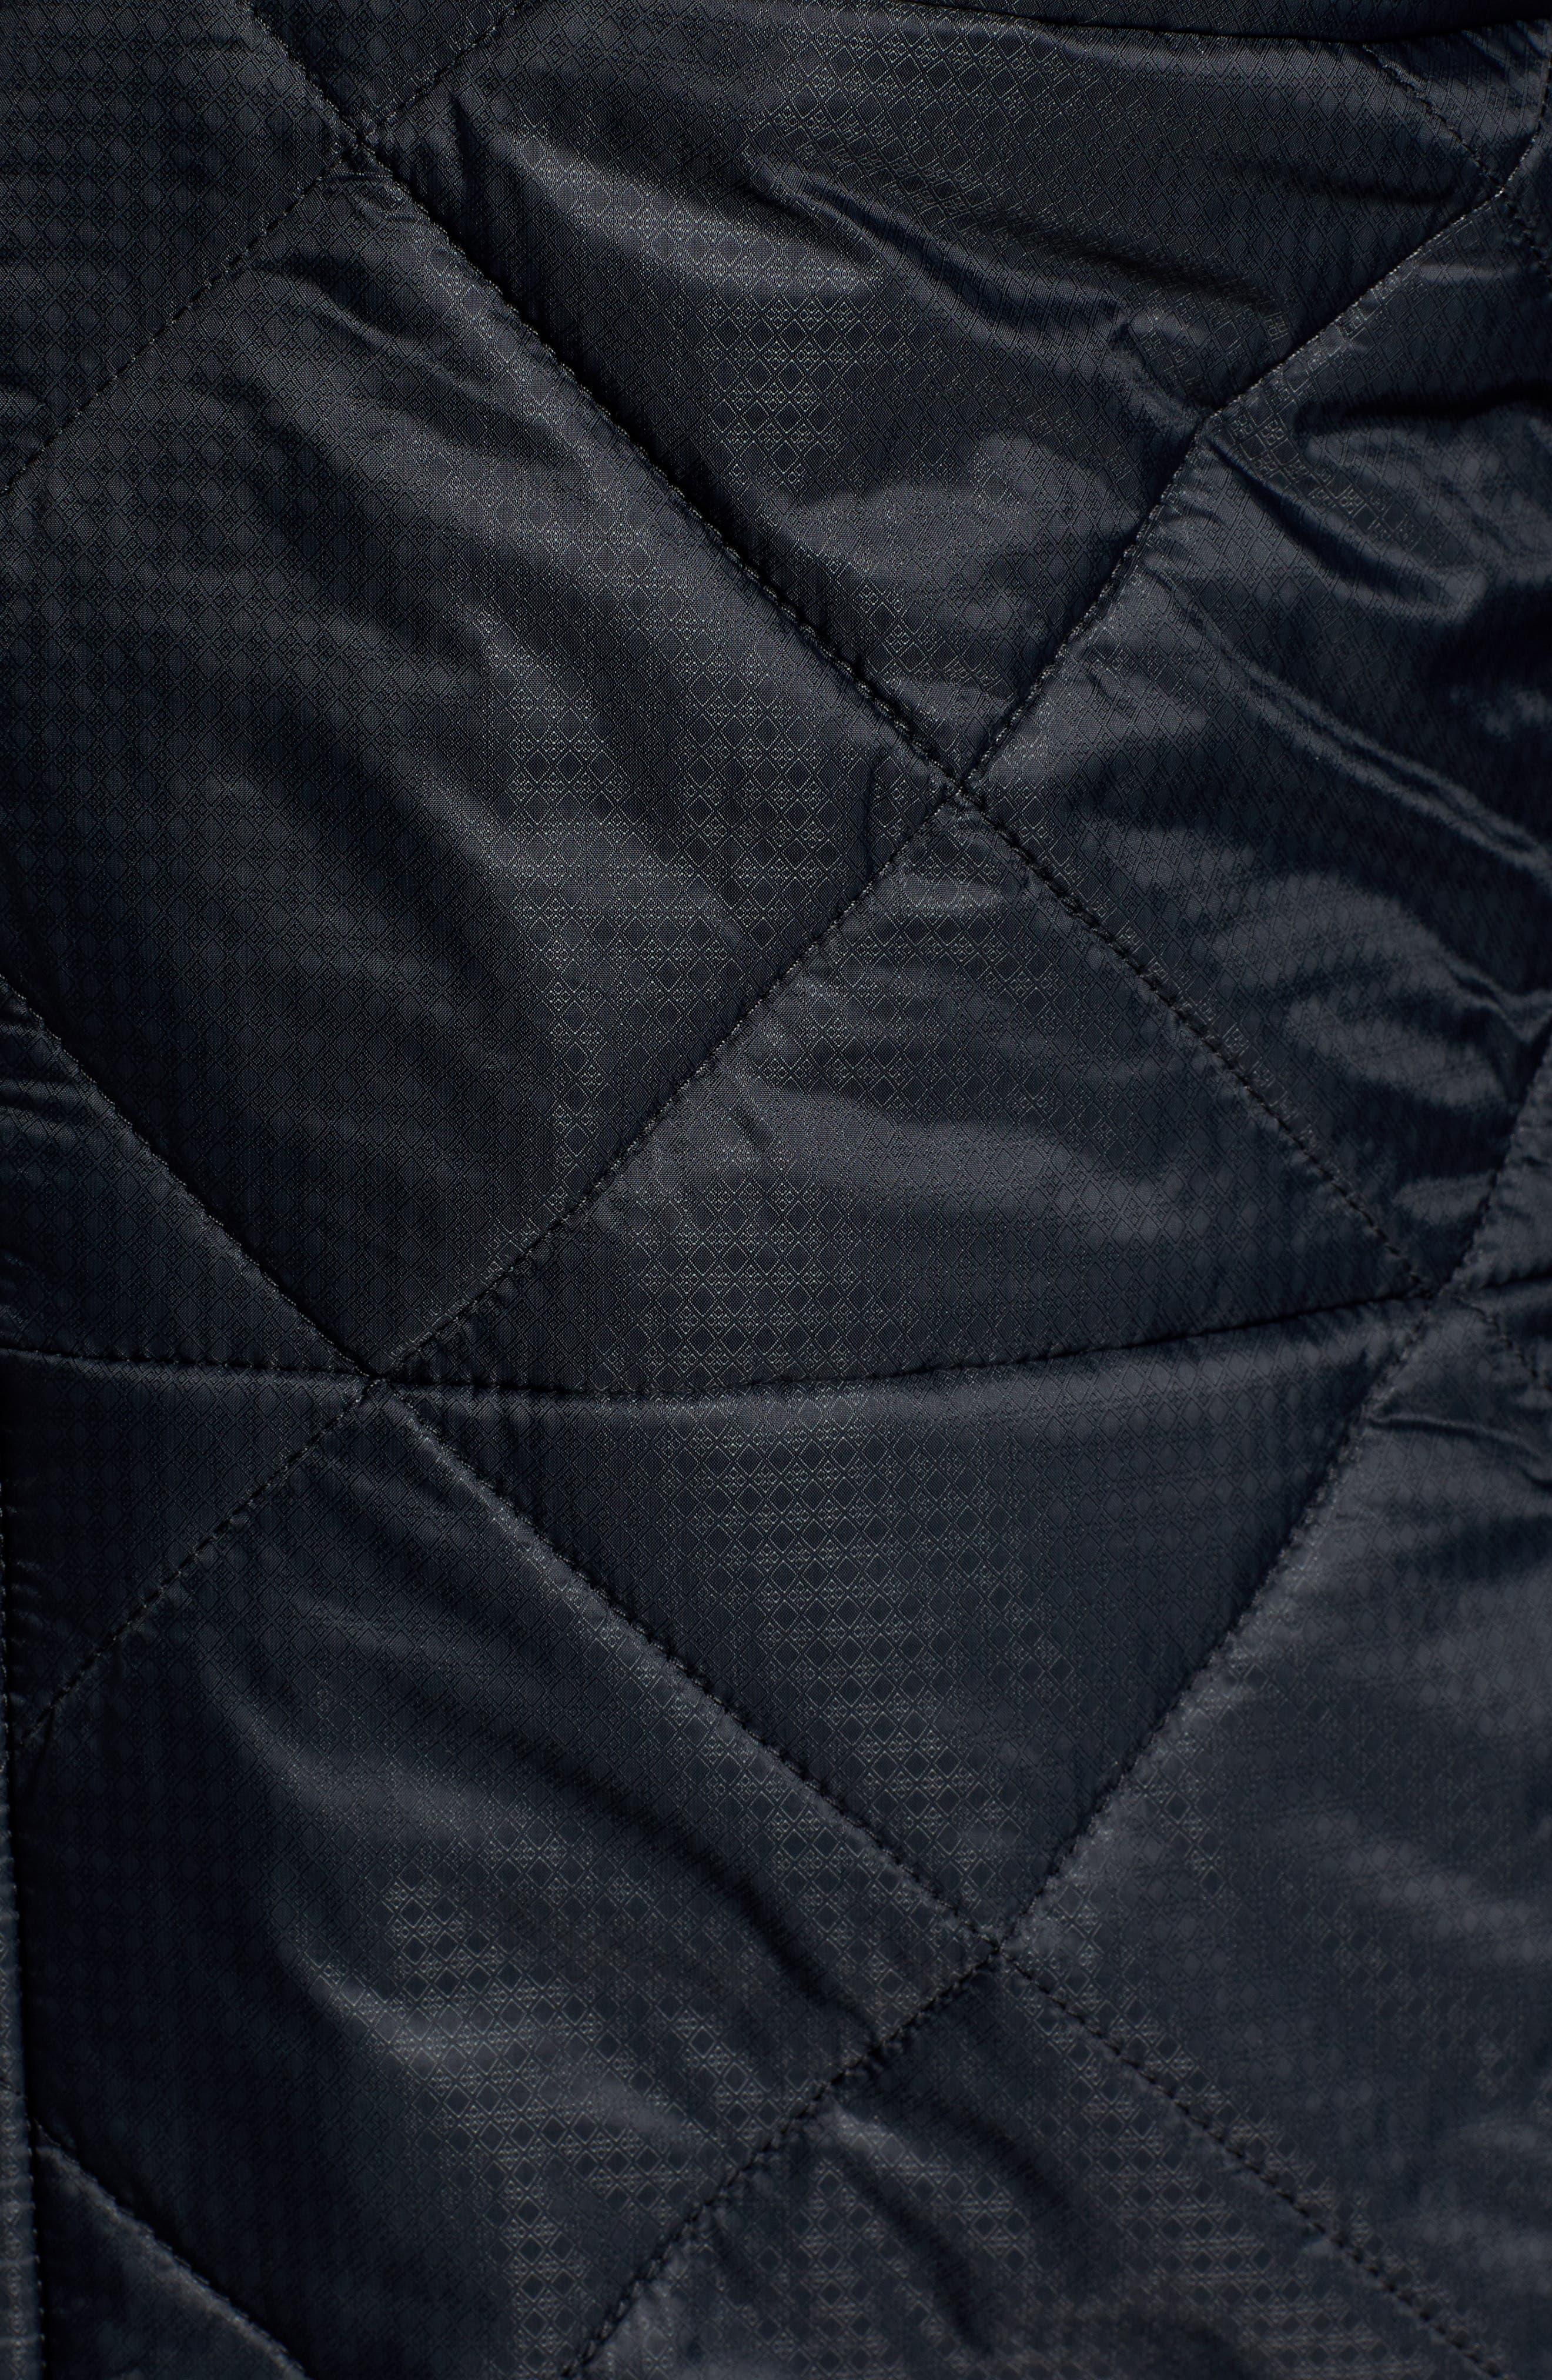 Regular Fit SmartLoft 120 Jacket,                             Alternate thumbnail 6, color,                             BLACK